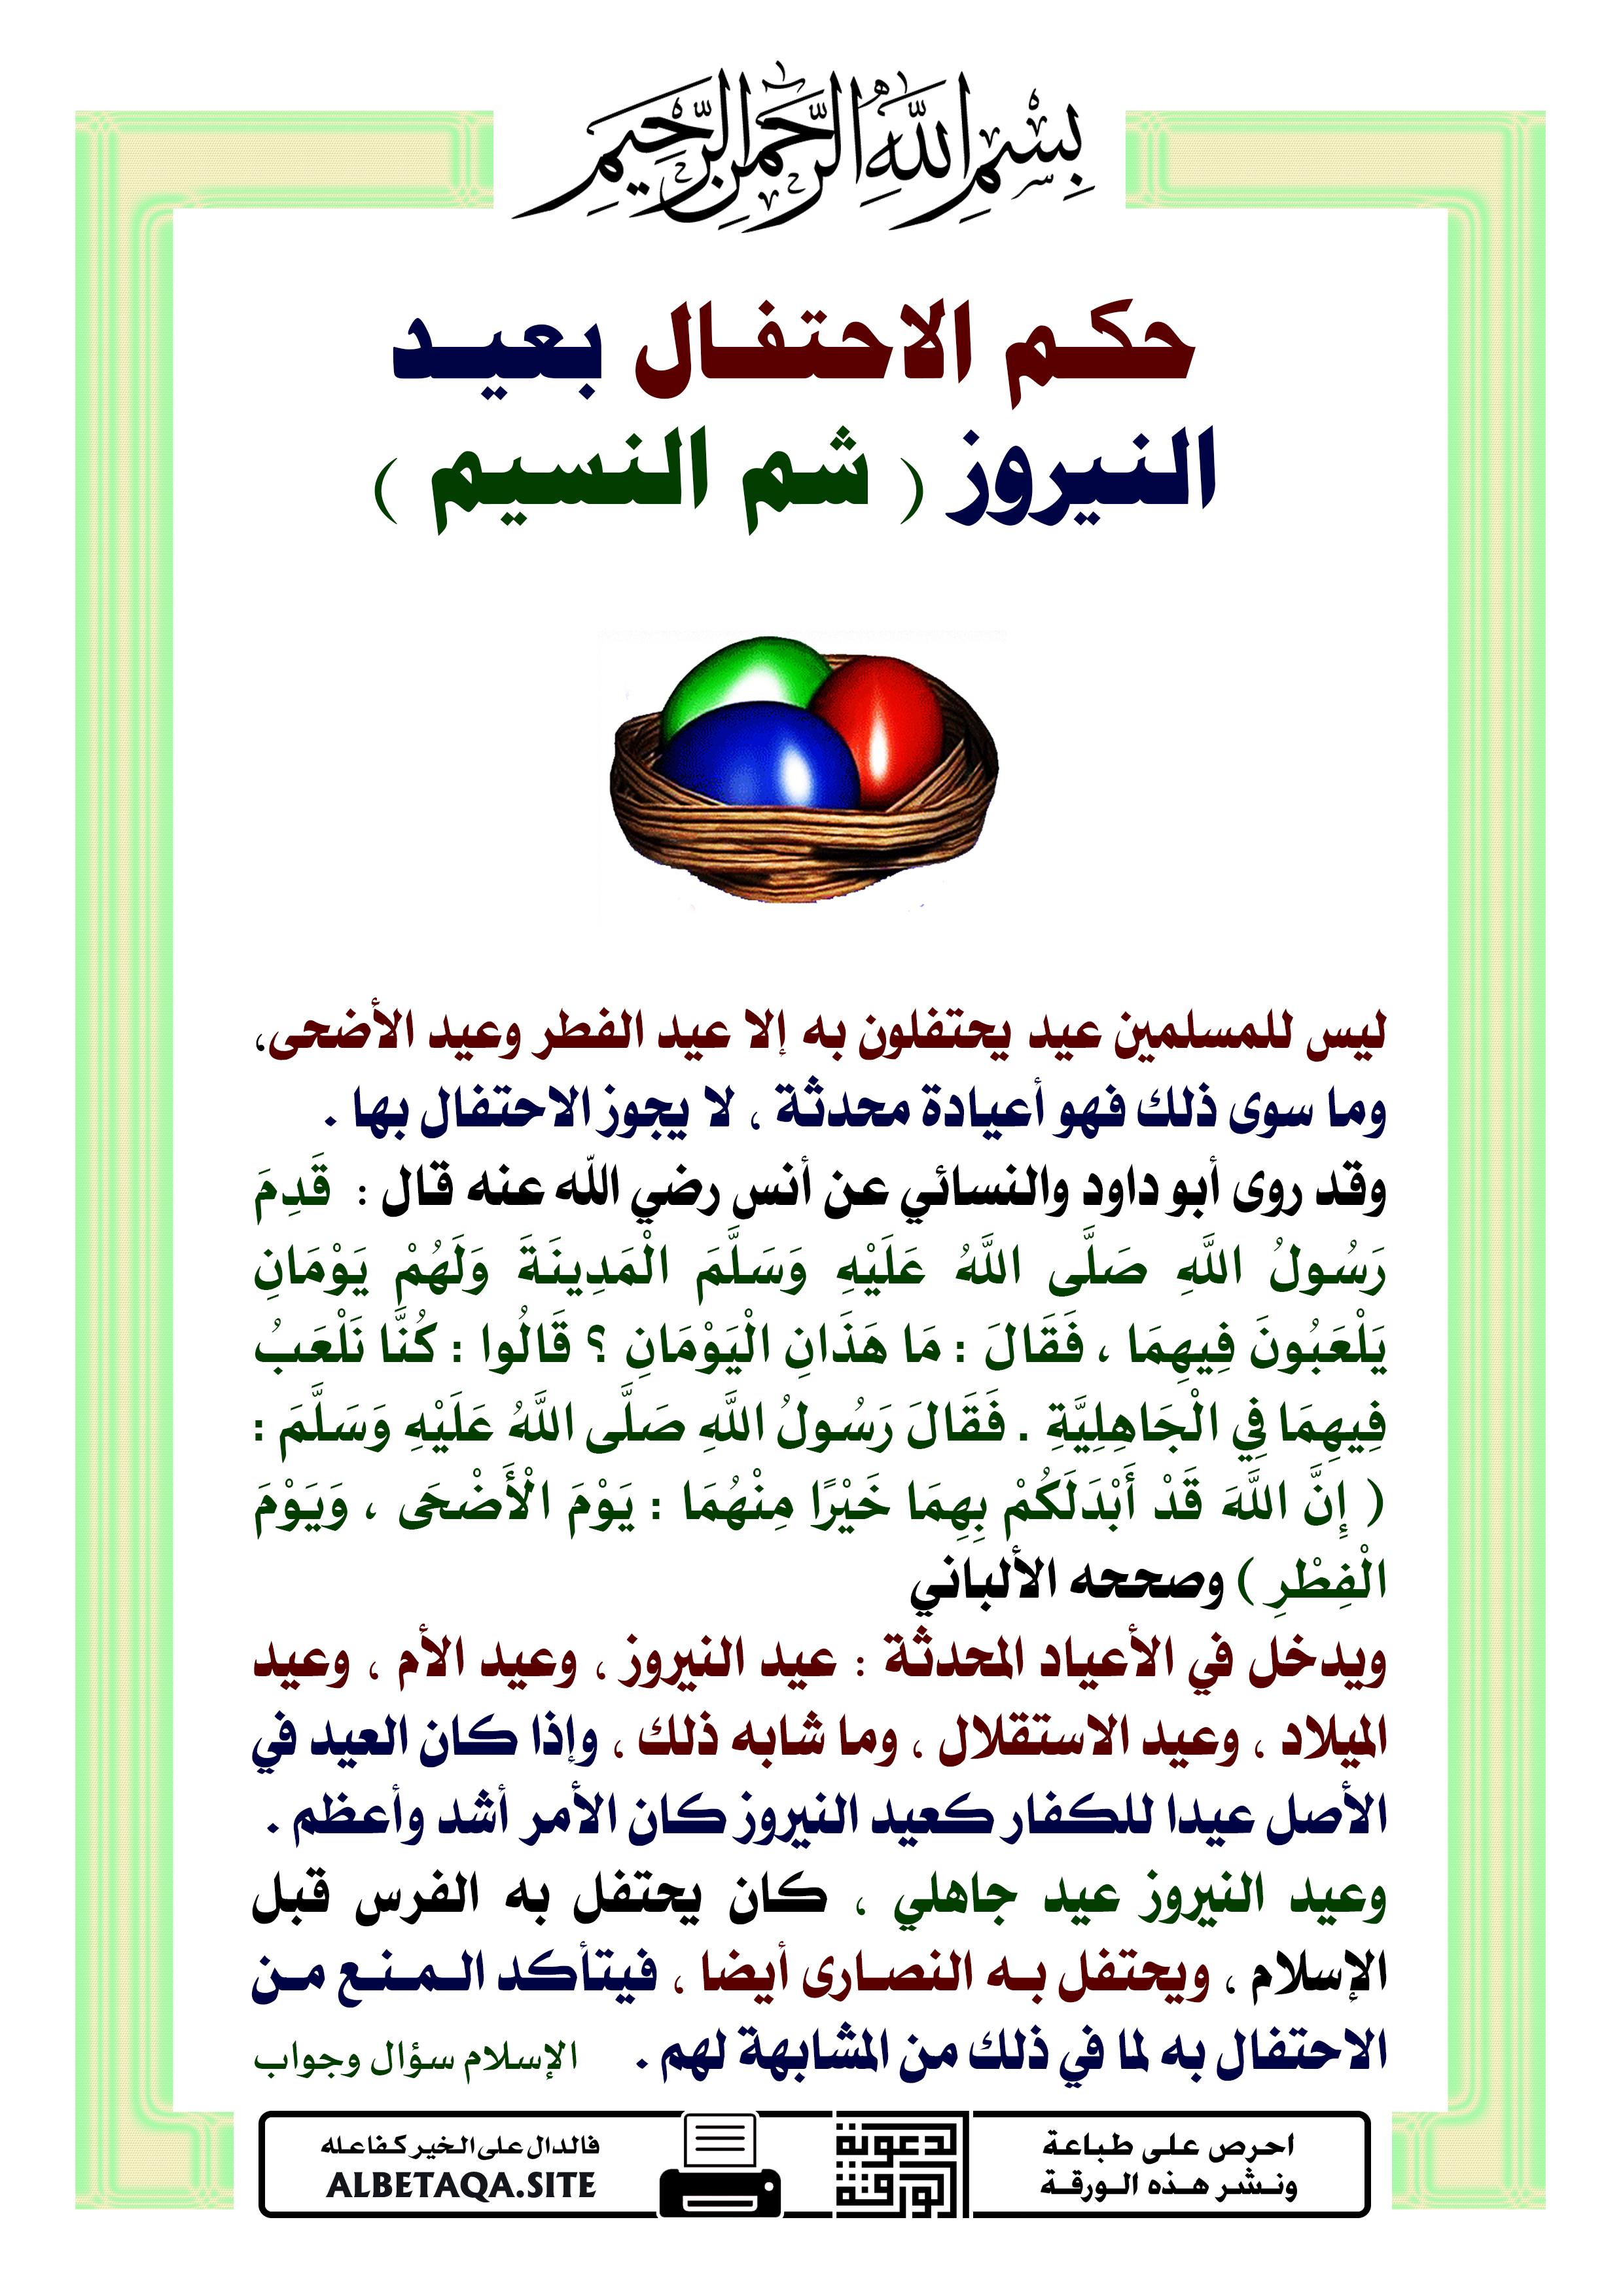 حكم الاحتفال بعيد النيروز شم النسيم موقع البطاقة الدعوي